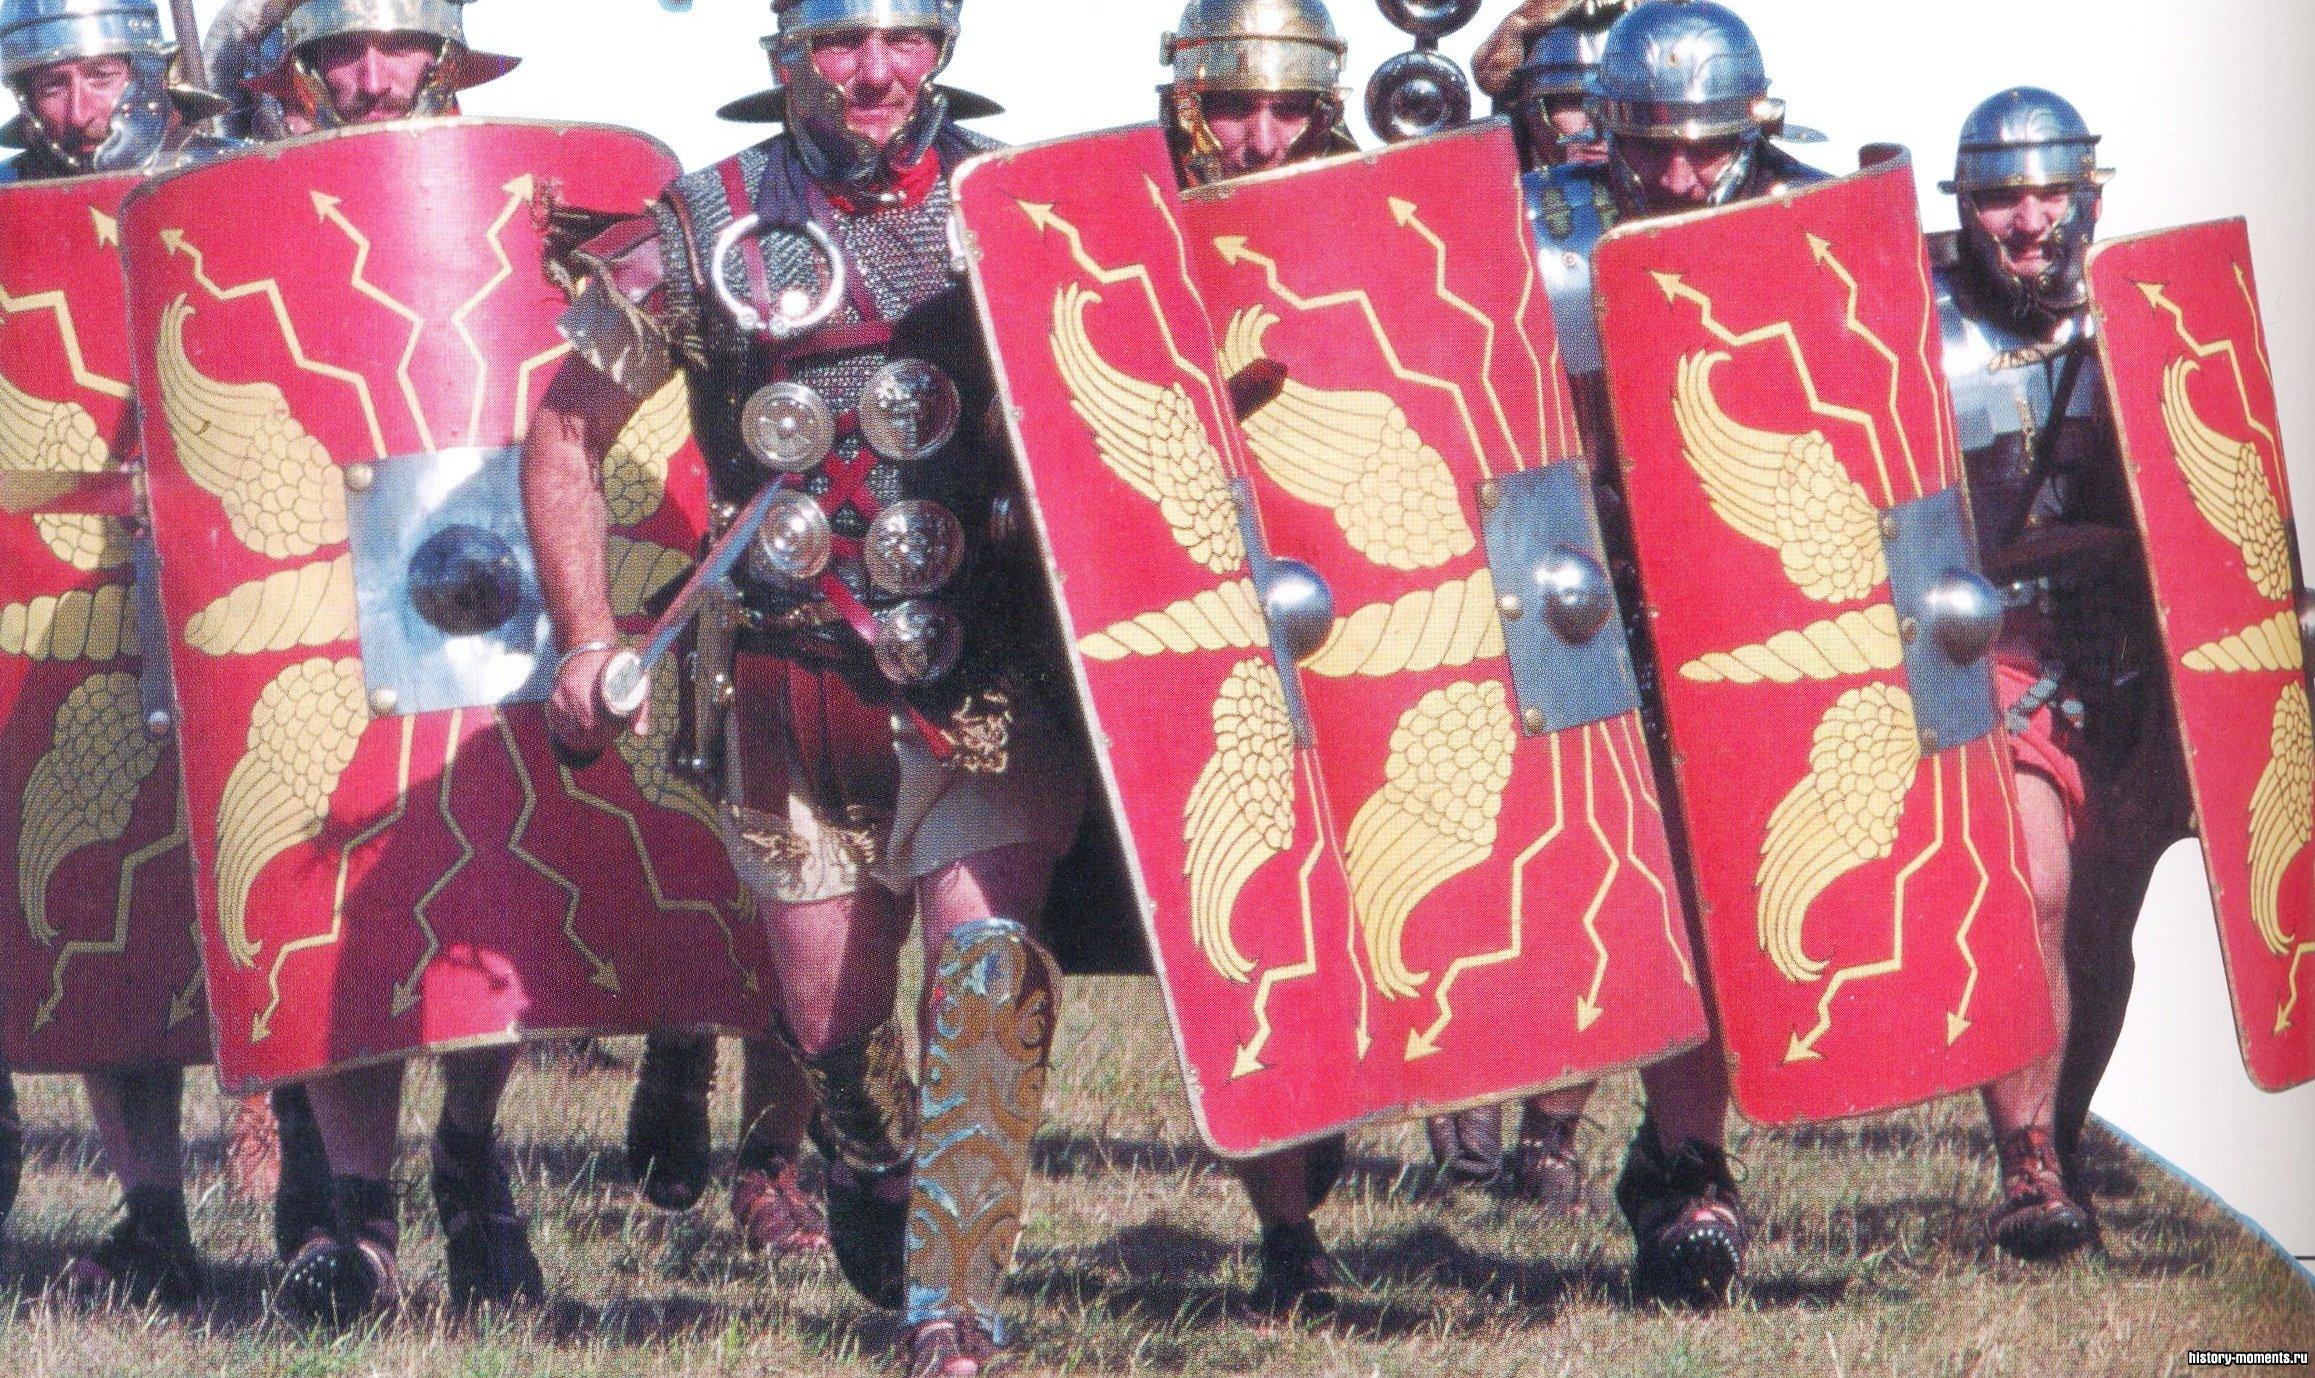 Здесь изображены люди в амуниции римских воинов. Человек в шлеме с перьями - это центурион (командир центурии - отряда из 80-100 солдат).